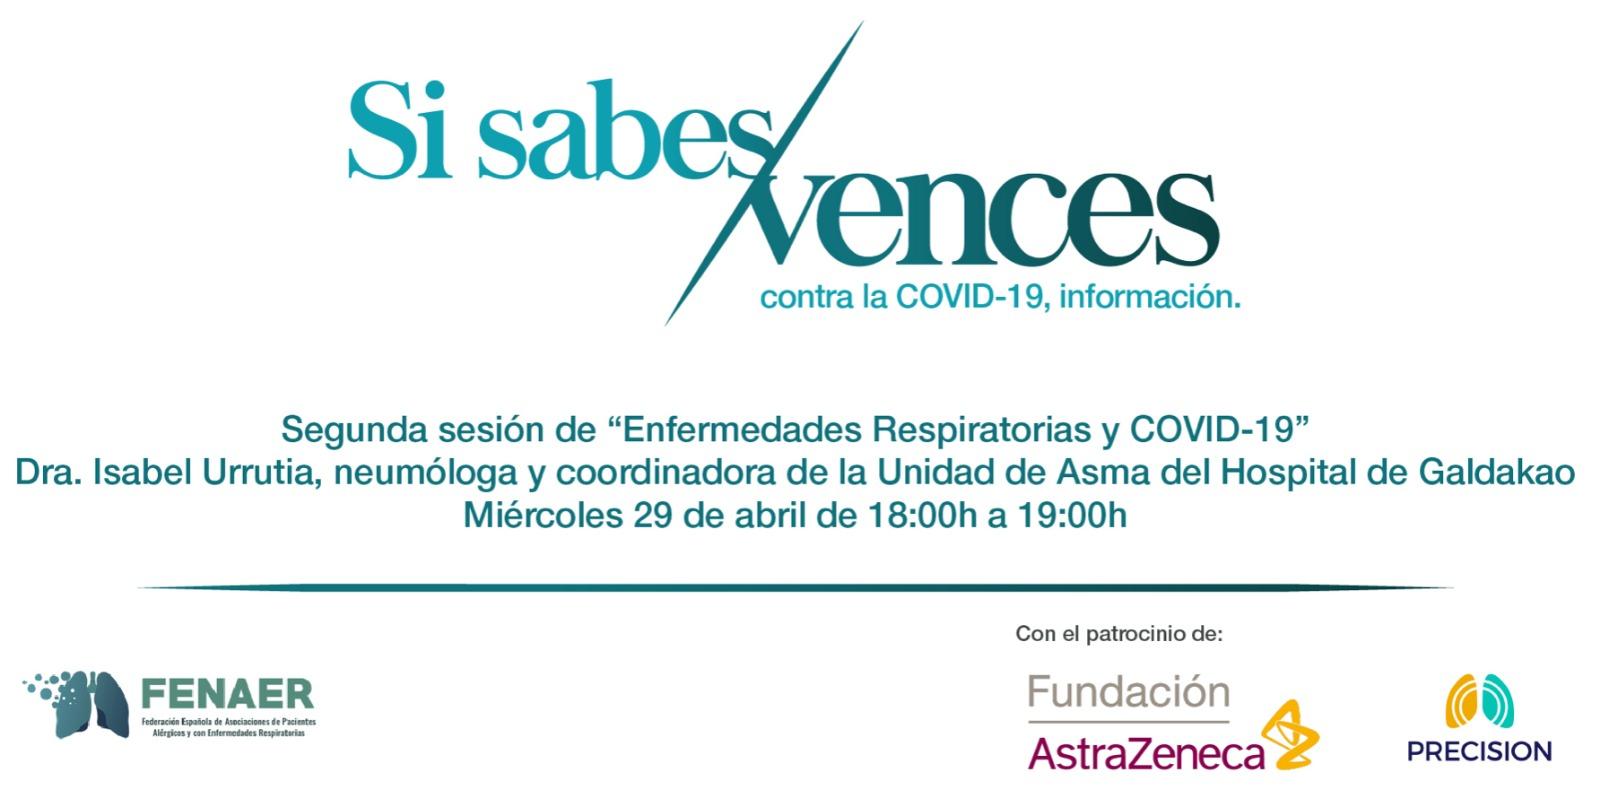 Nueva conferencia online de FENAER sobre enfermedades respiratorias y COVID-19 con la Dra. Isabel Urrutia